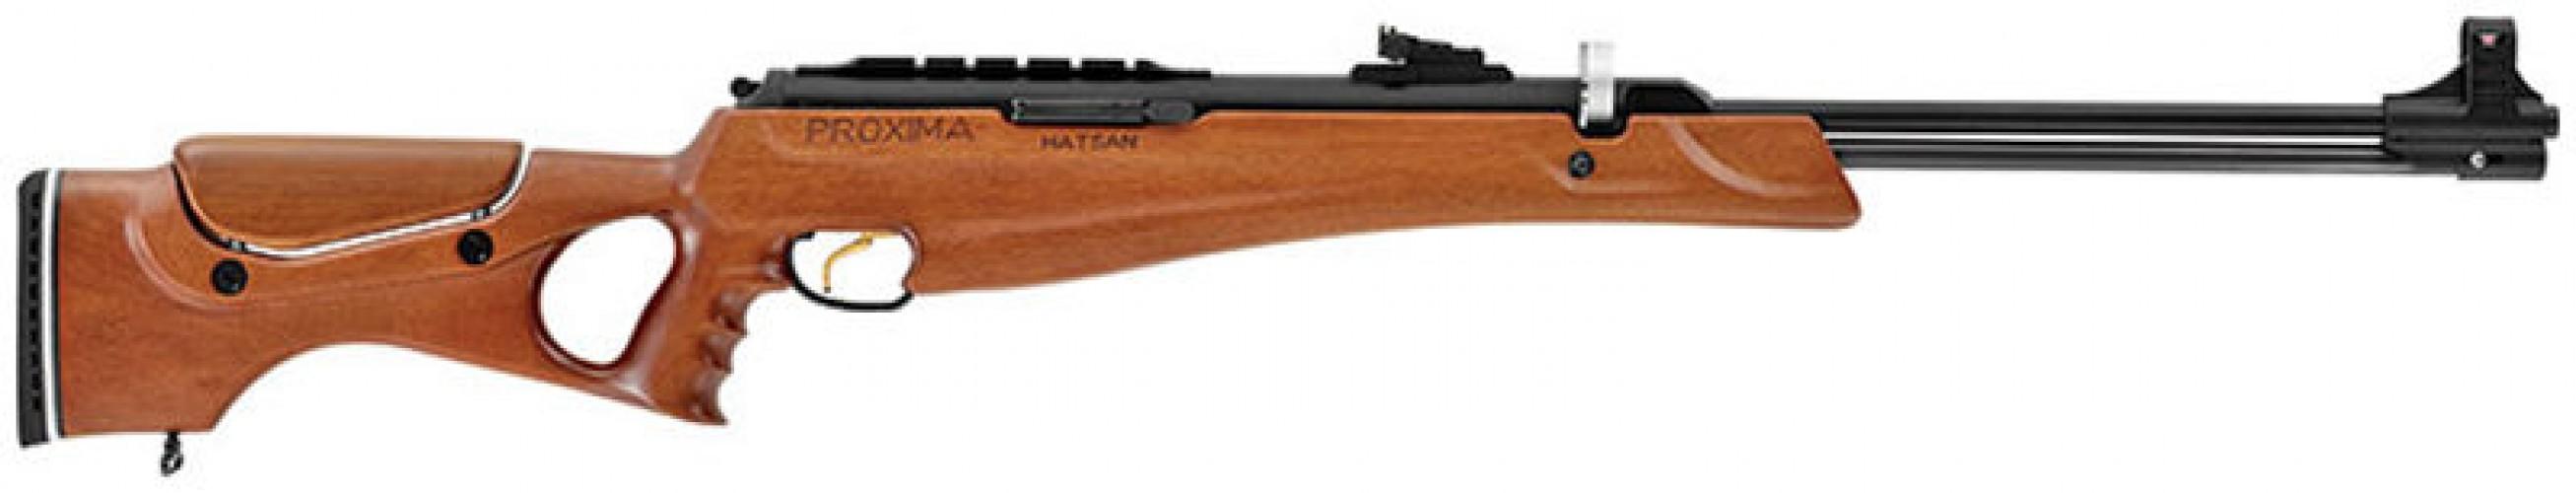 Пневматическая винтовка Hatsan Proxima